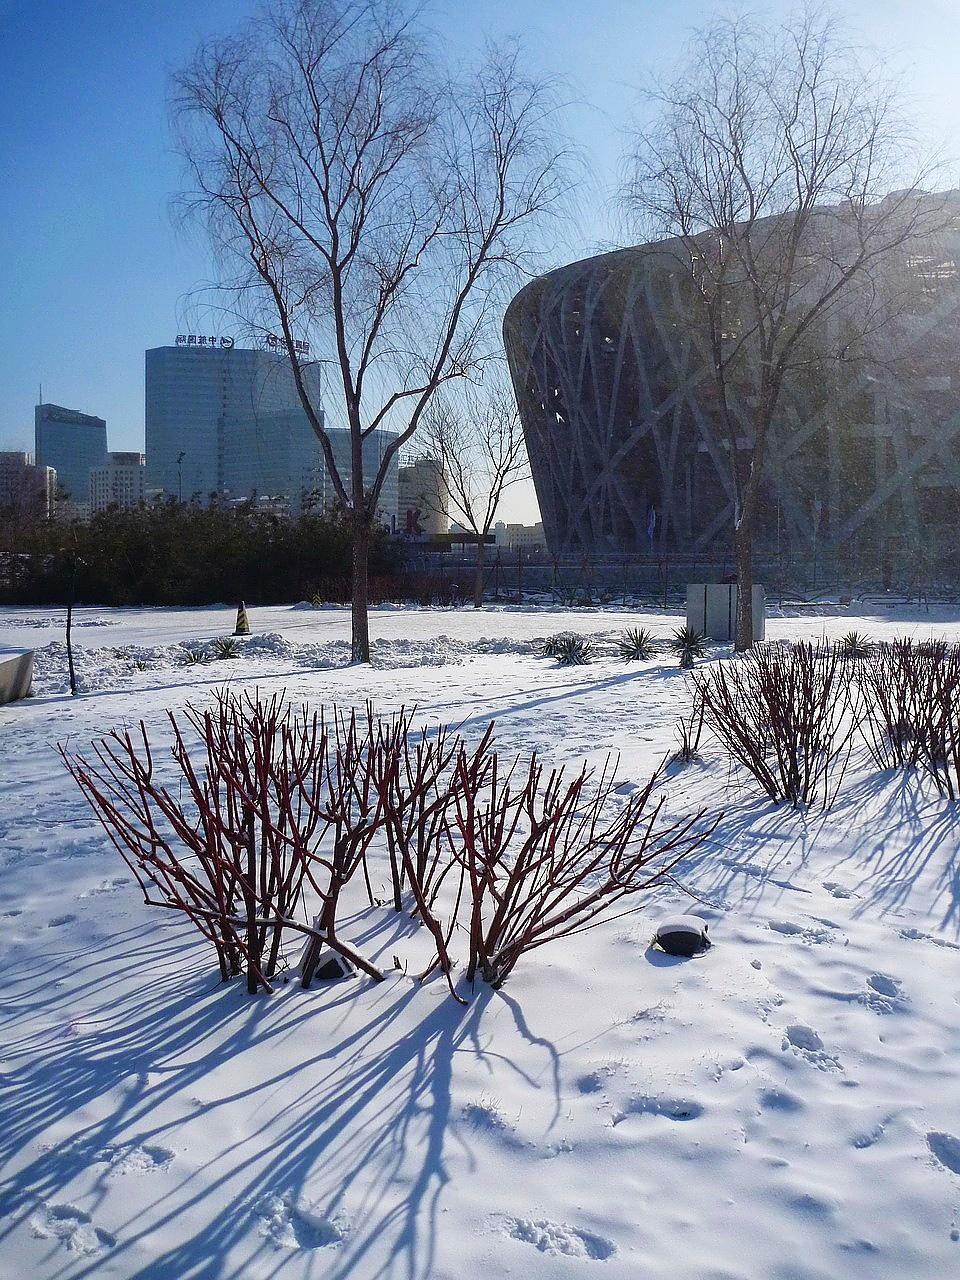 北京也下雪了?這是鳥巢冰雪節的人造雪